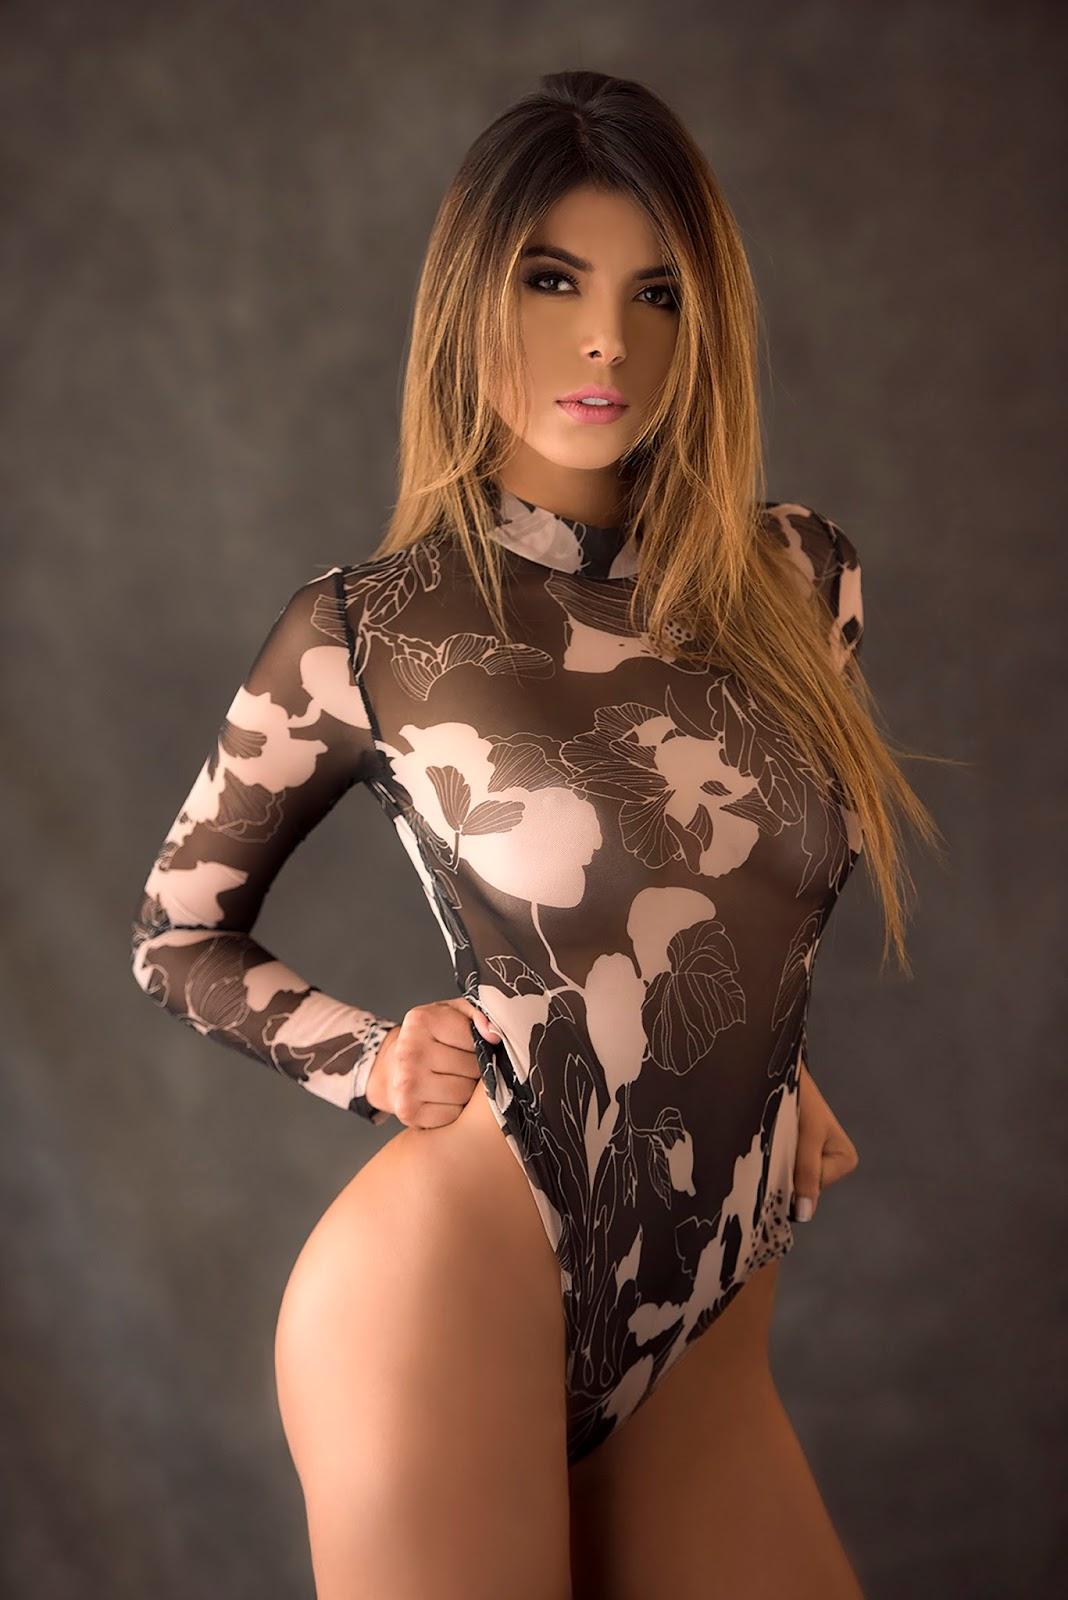 modelos mujeres xxx